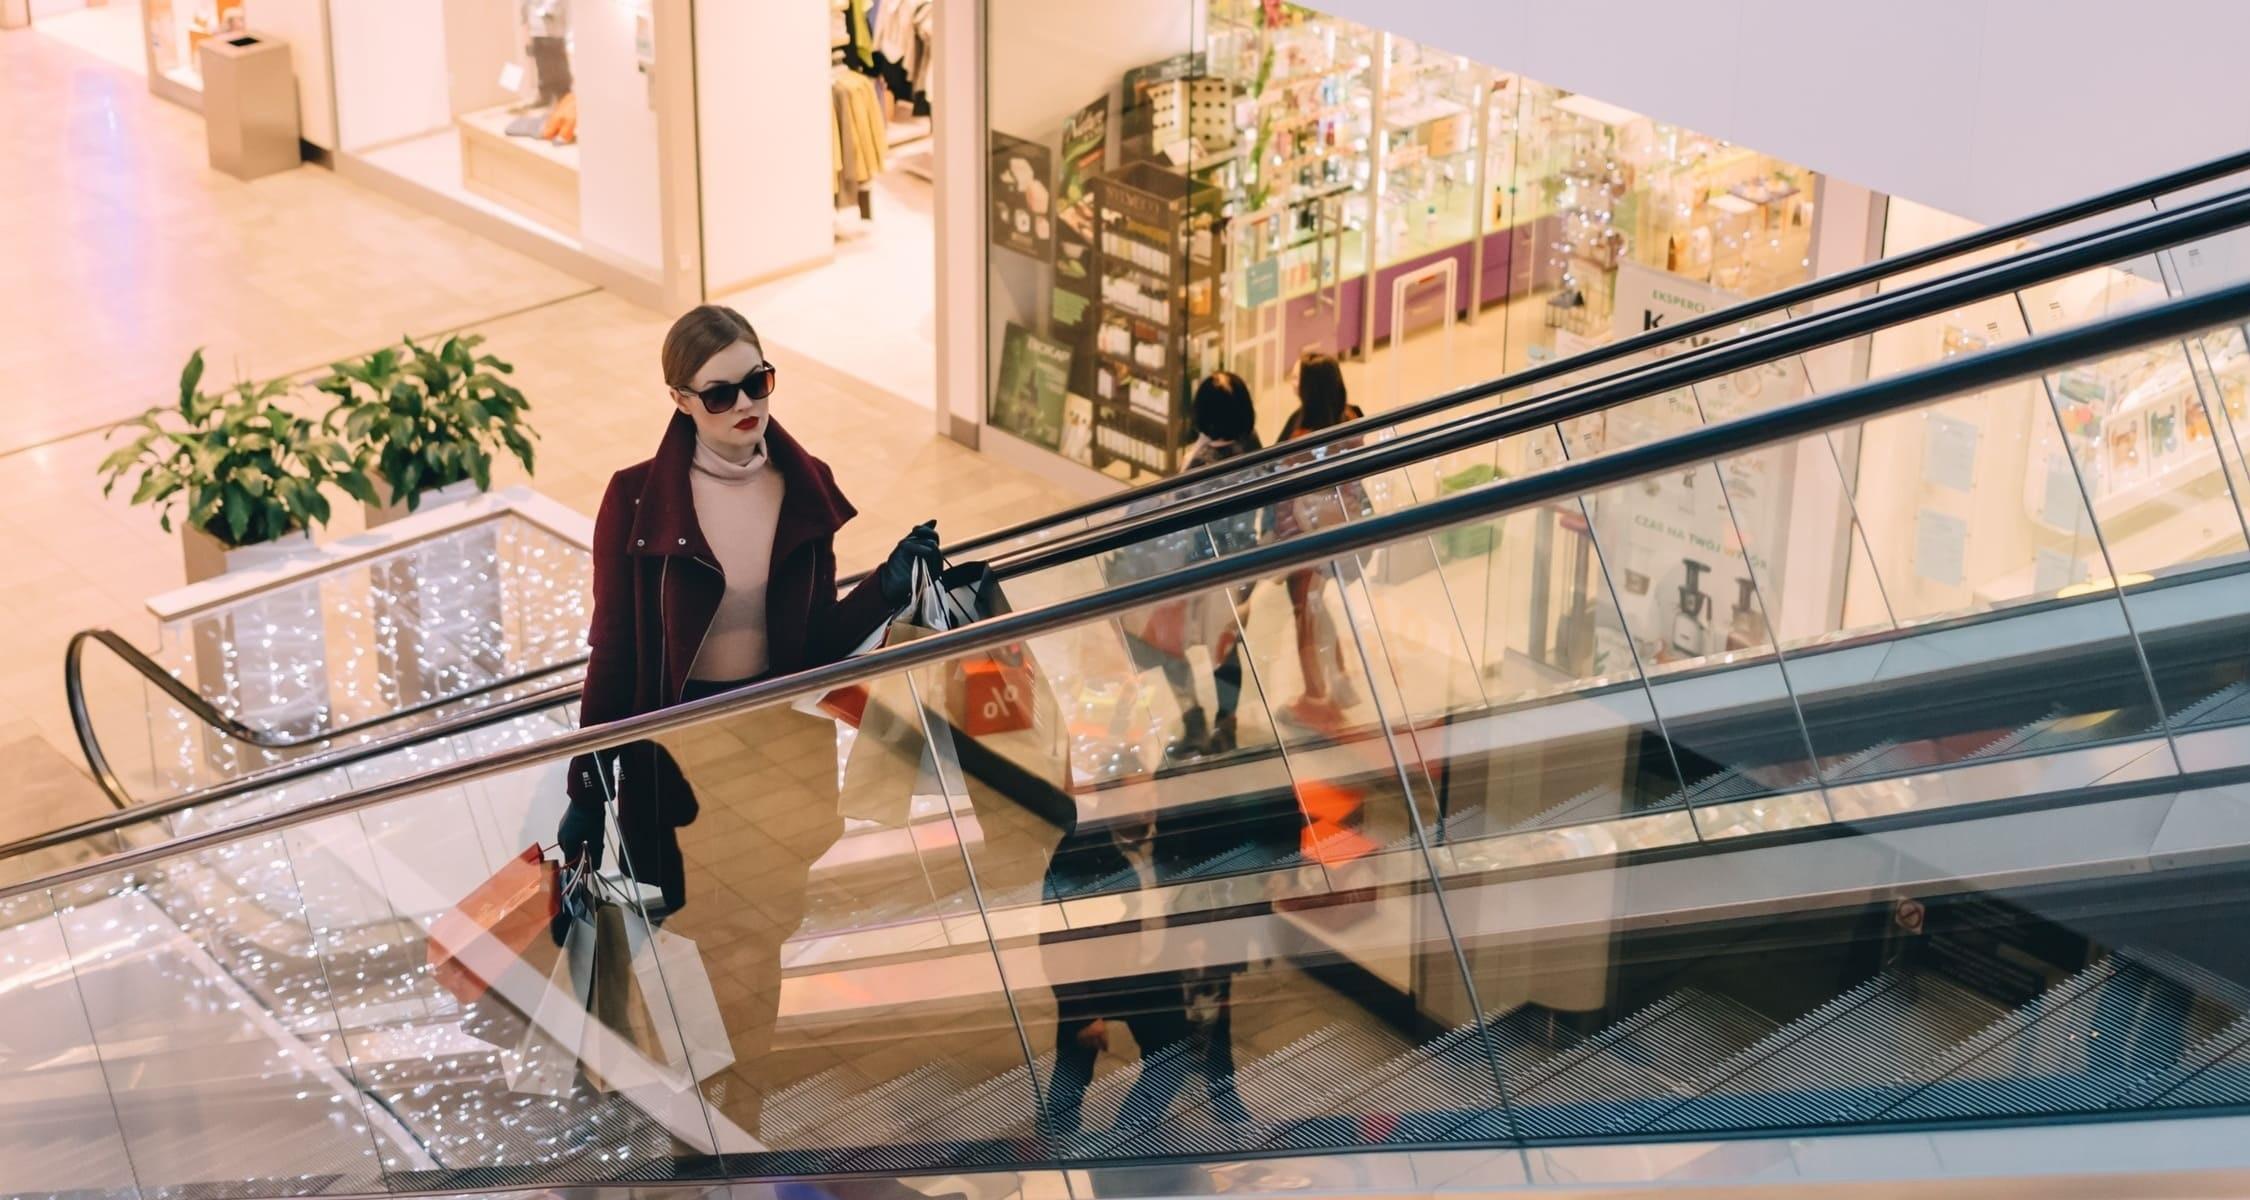 ragazza in un centro commerciale che sale le scale mobili